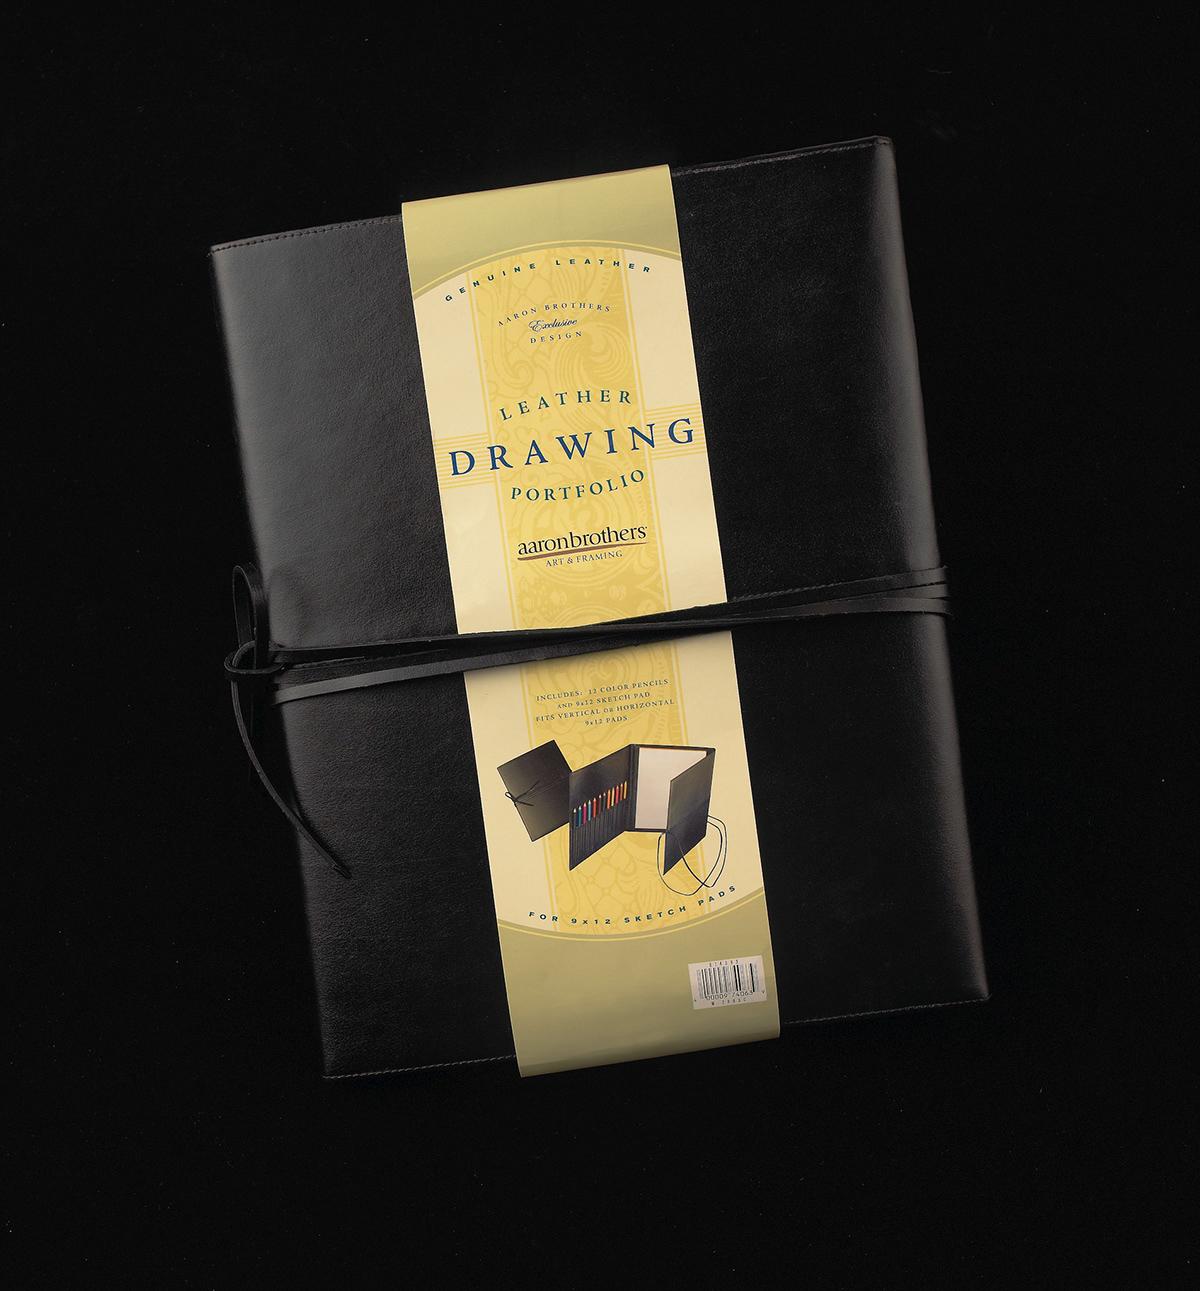 Adobe Portfolio retail packaging art supplies Label dan birlew